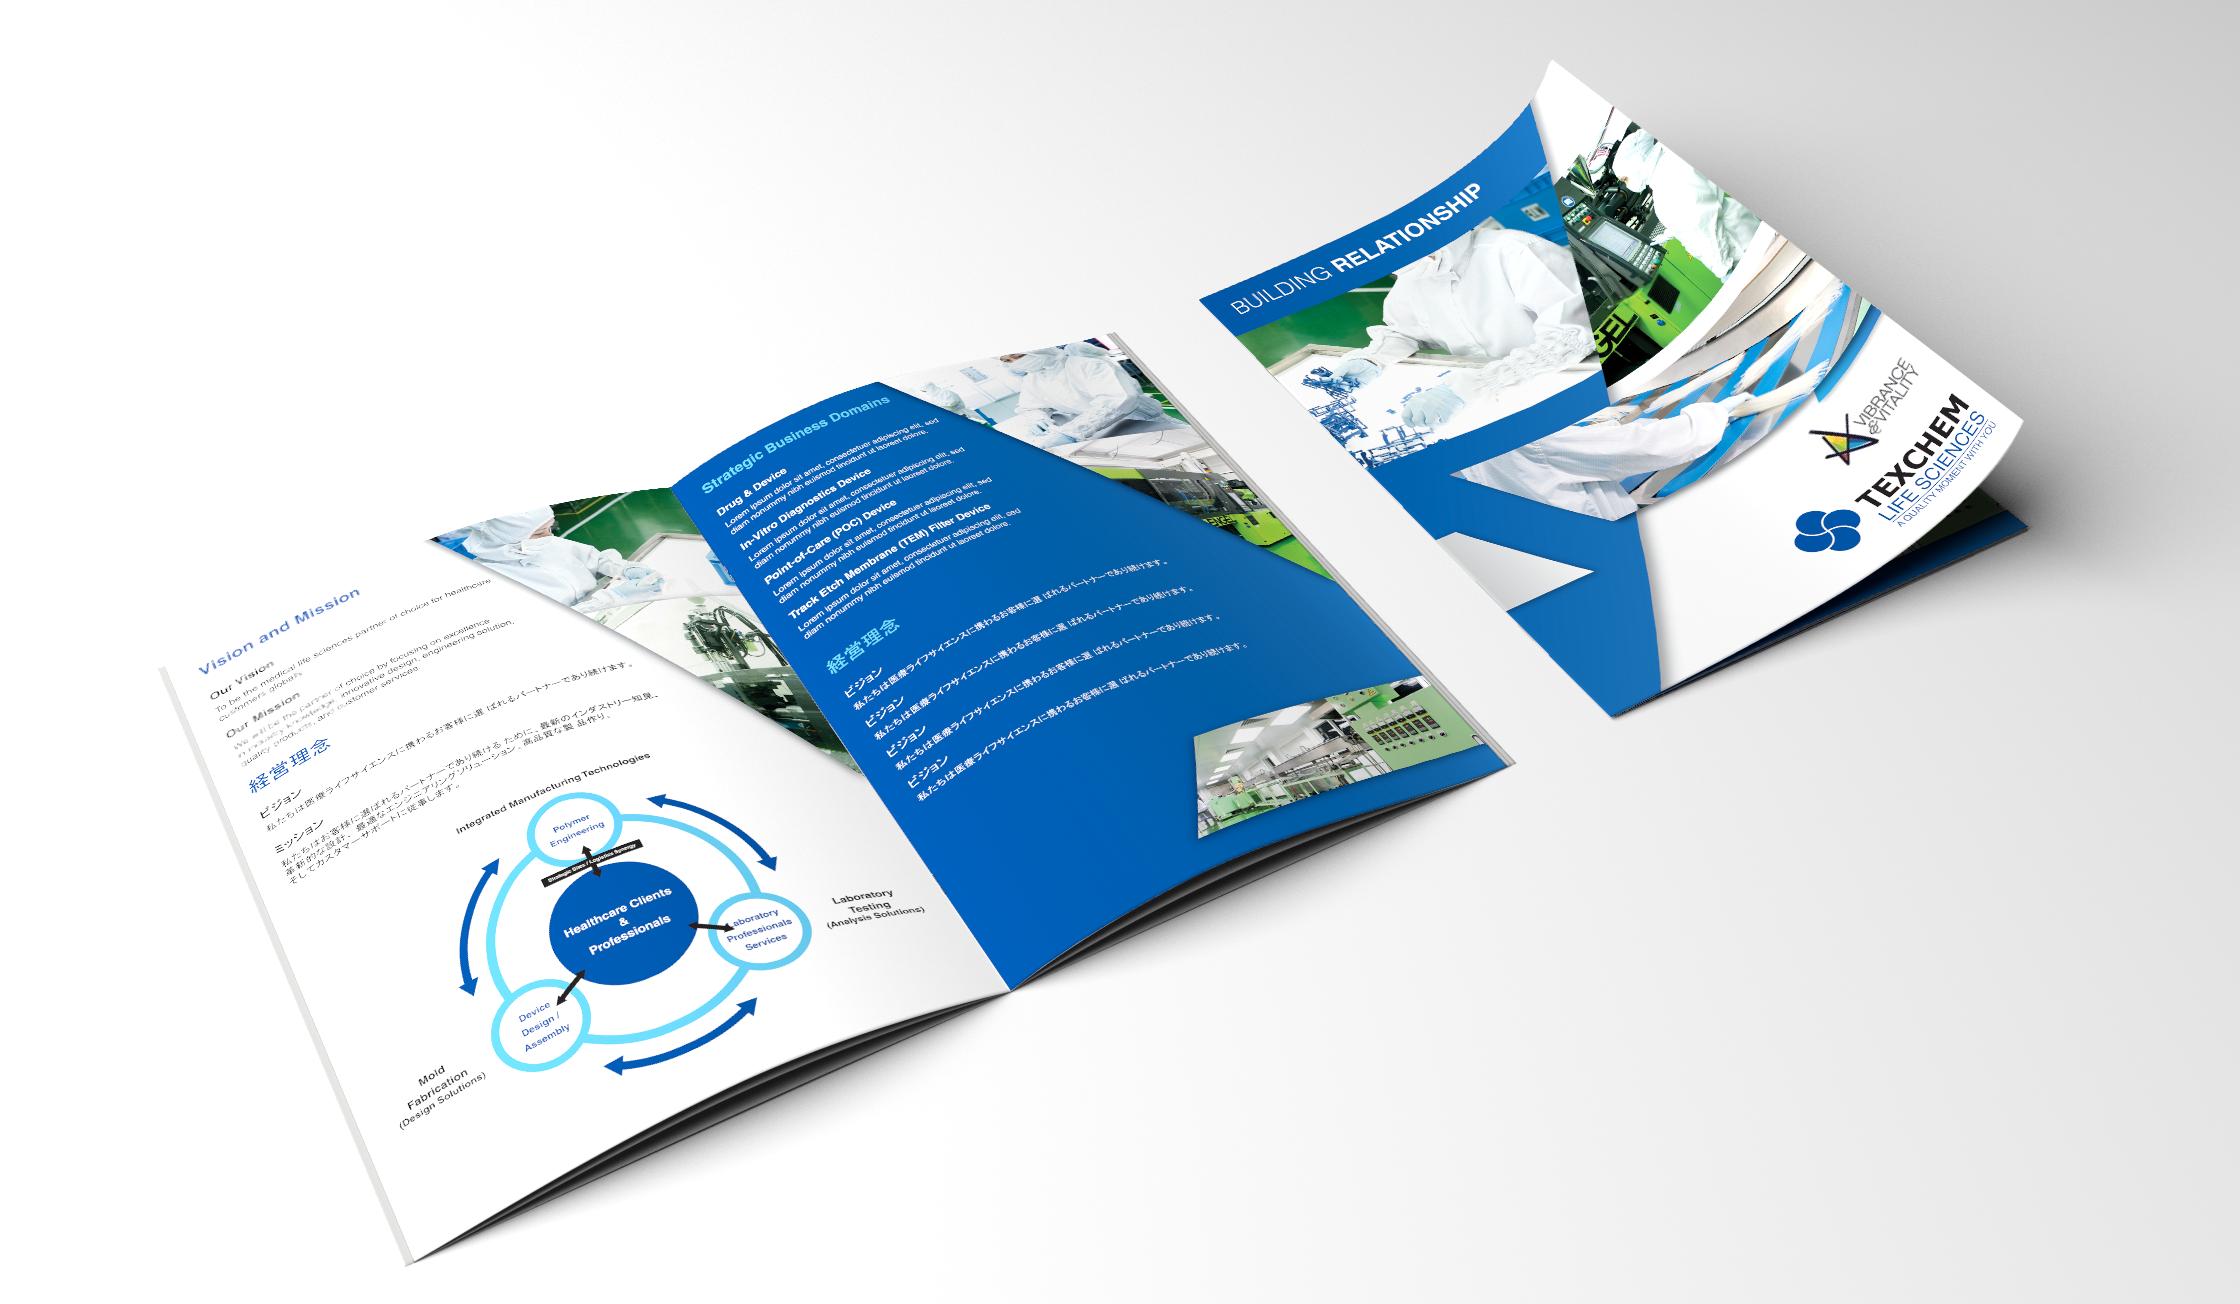 20180306 texchem_leaflet mockup_design 01.png